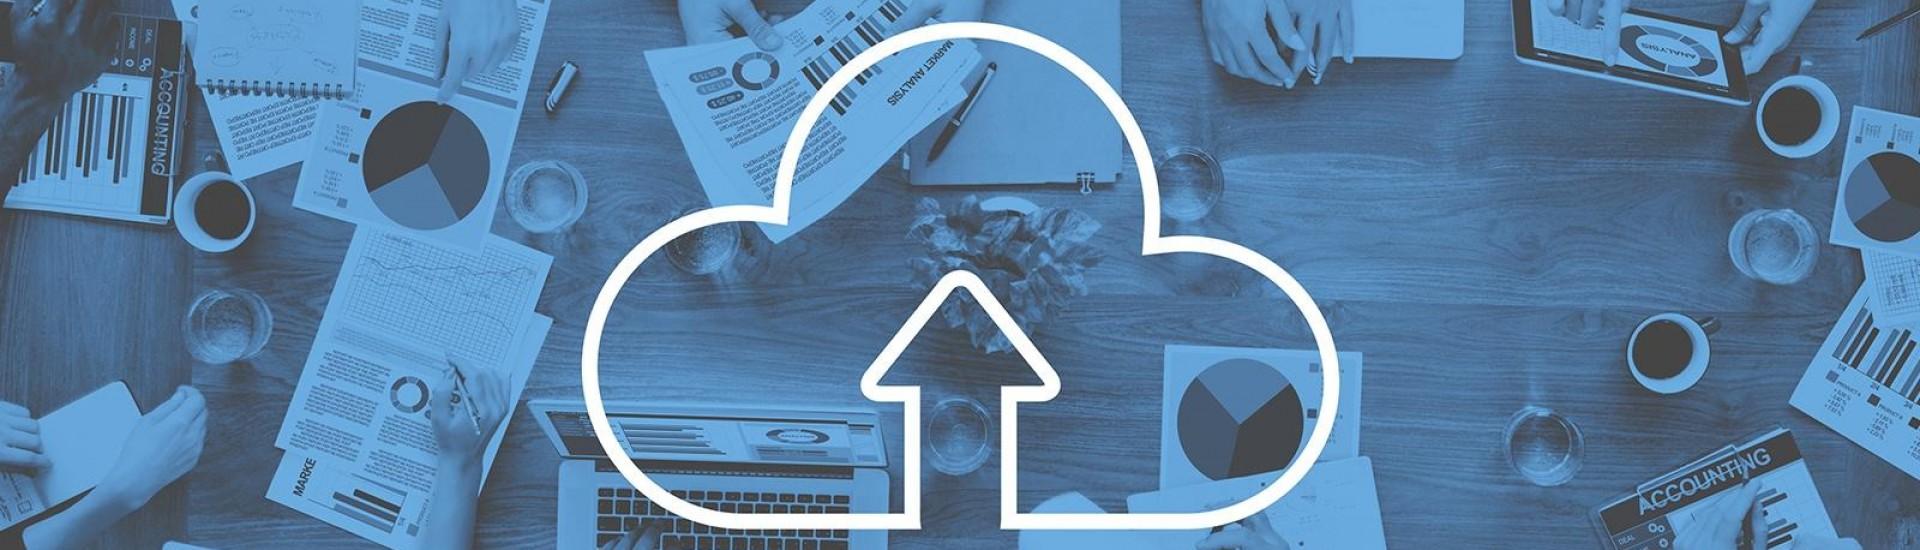 Novos planos de Cloud Server com Armazenamento Standard.